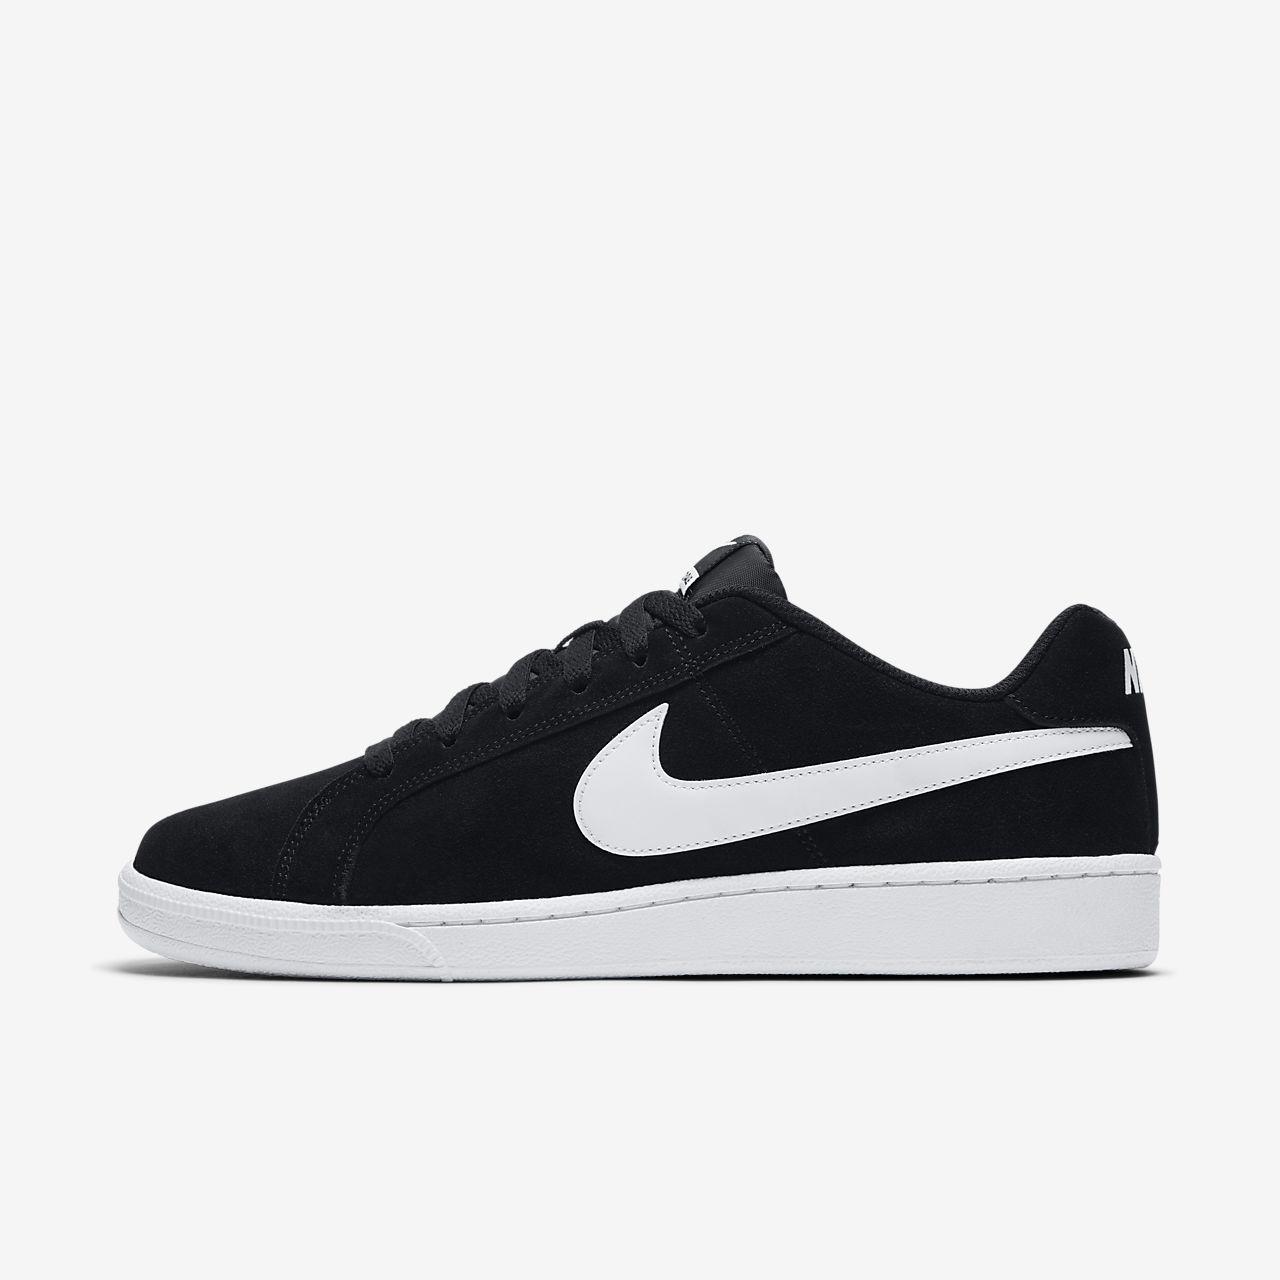 b2c61d2ecf Męskie buty do tenisa NikeCourt Royale. Nike.com PL